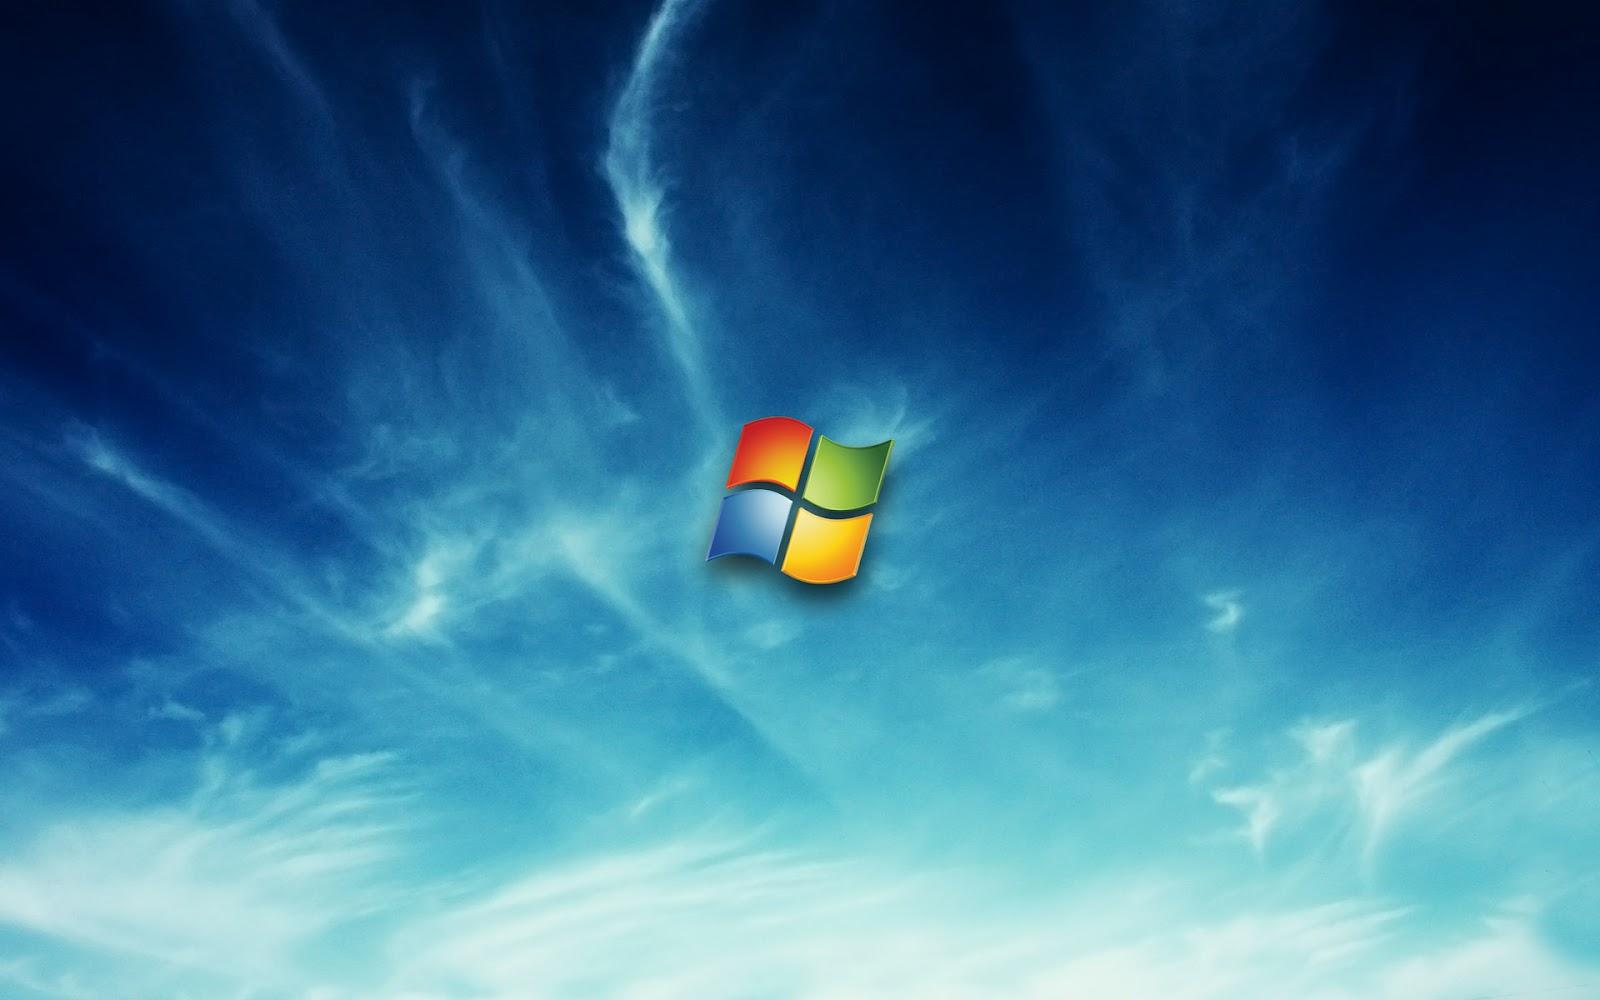 http://1.bp.blogspot.com/-XJ4nJhCz7hM/T6w68DMlwxI/AAAAAAAAAFM/YTjArKpW9EQ/s1600/windows+7+%284%29.jpg